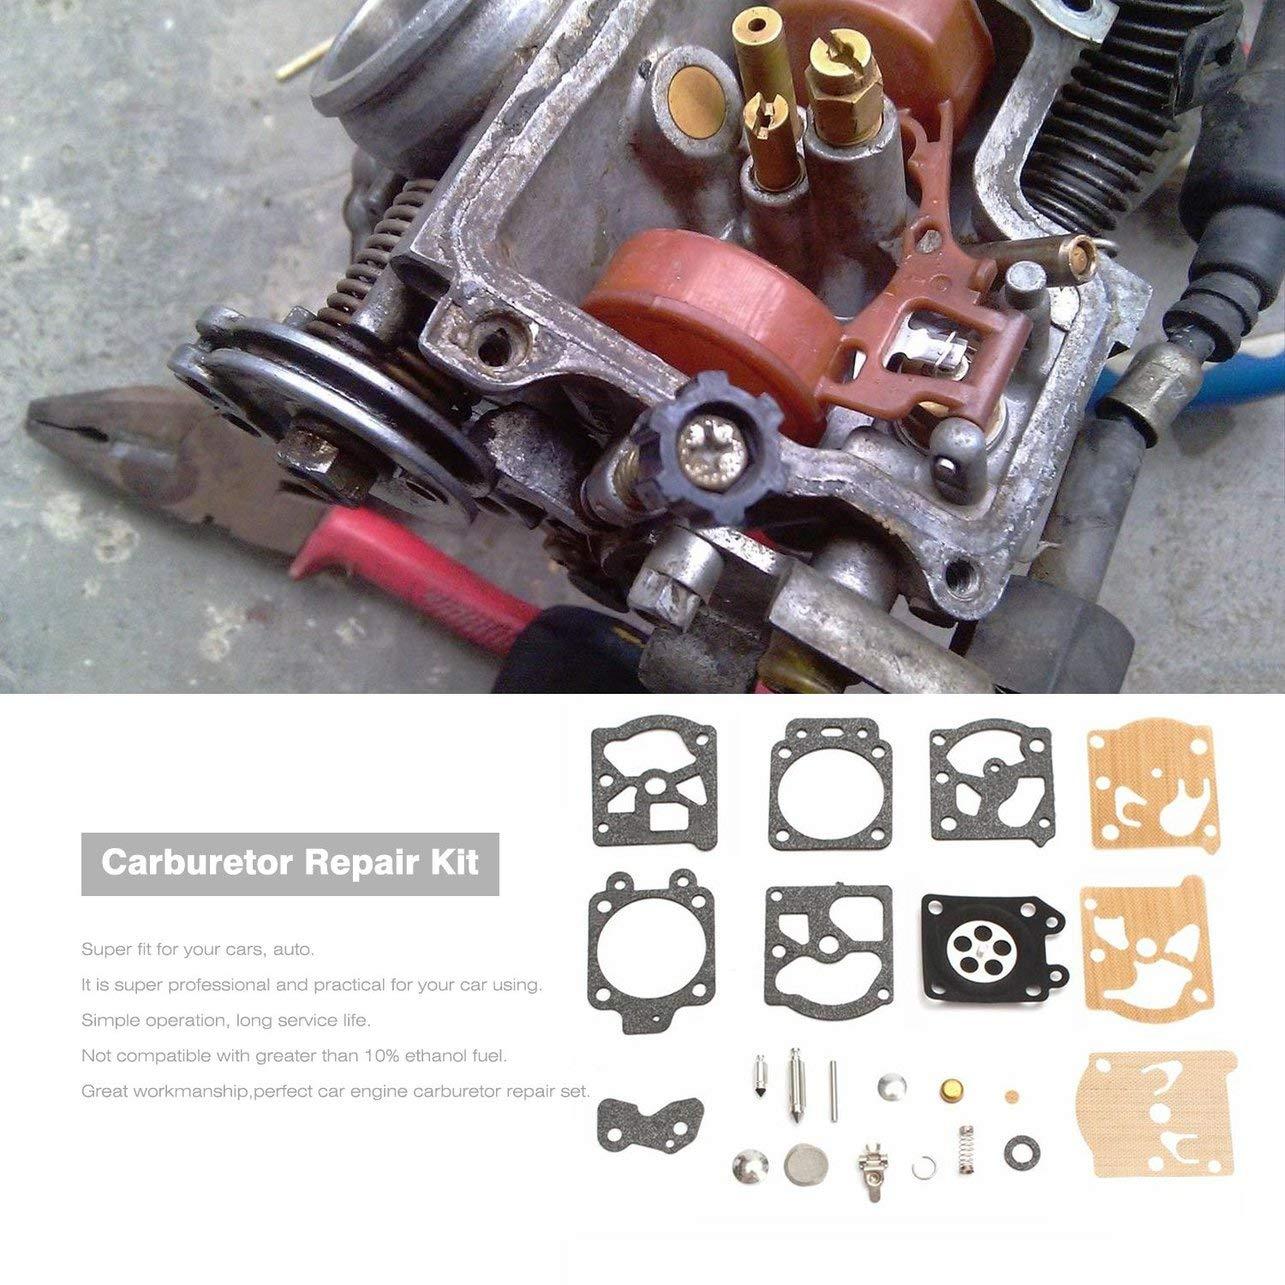 K20-WAT carburatore kit di riparazione Ricostruire strumento di guarnizioni per Walbro Accessori moto parti di riparazione del combustibile del carburatore di alimentazione